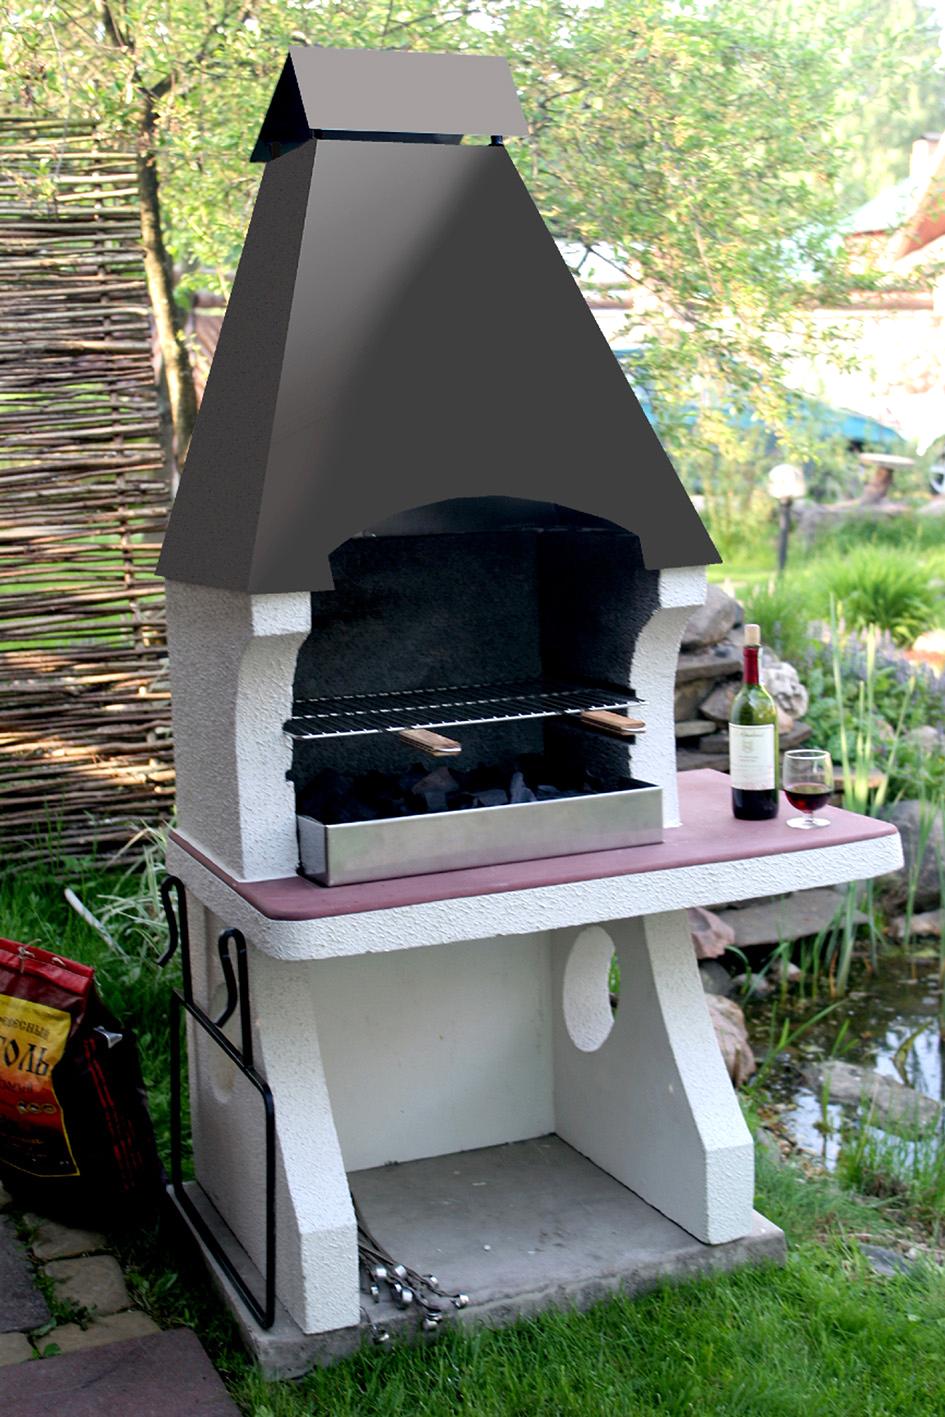 гриль-барбекю в аксоне